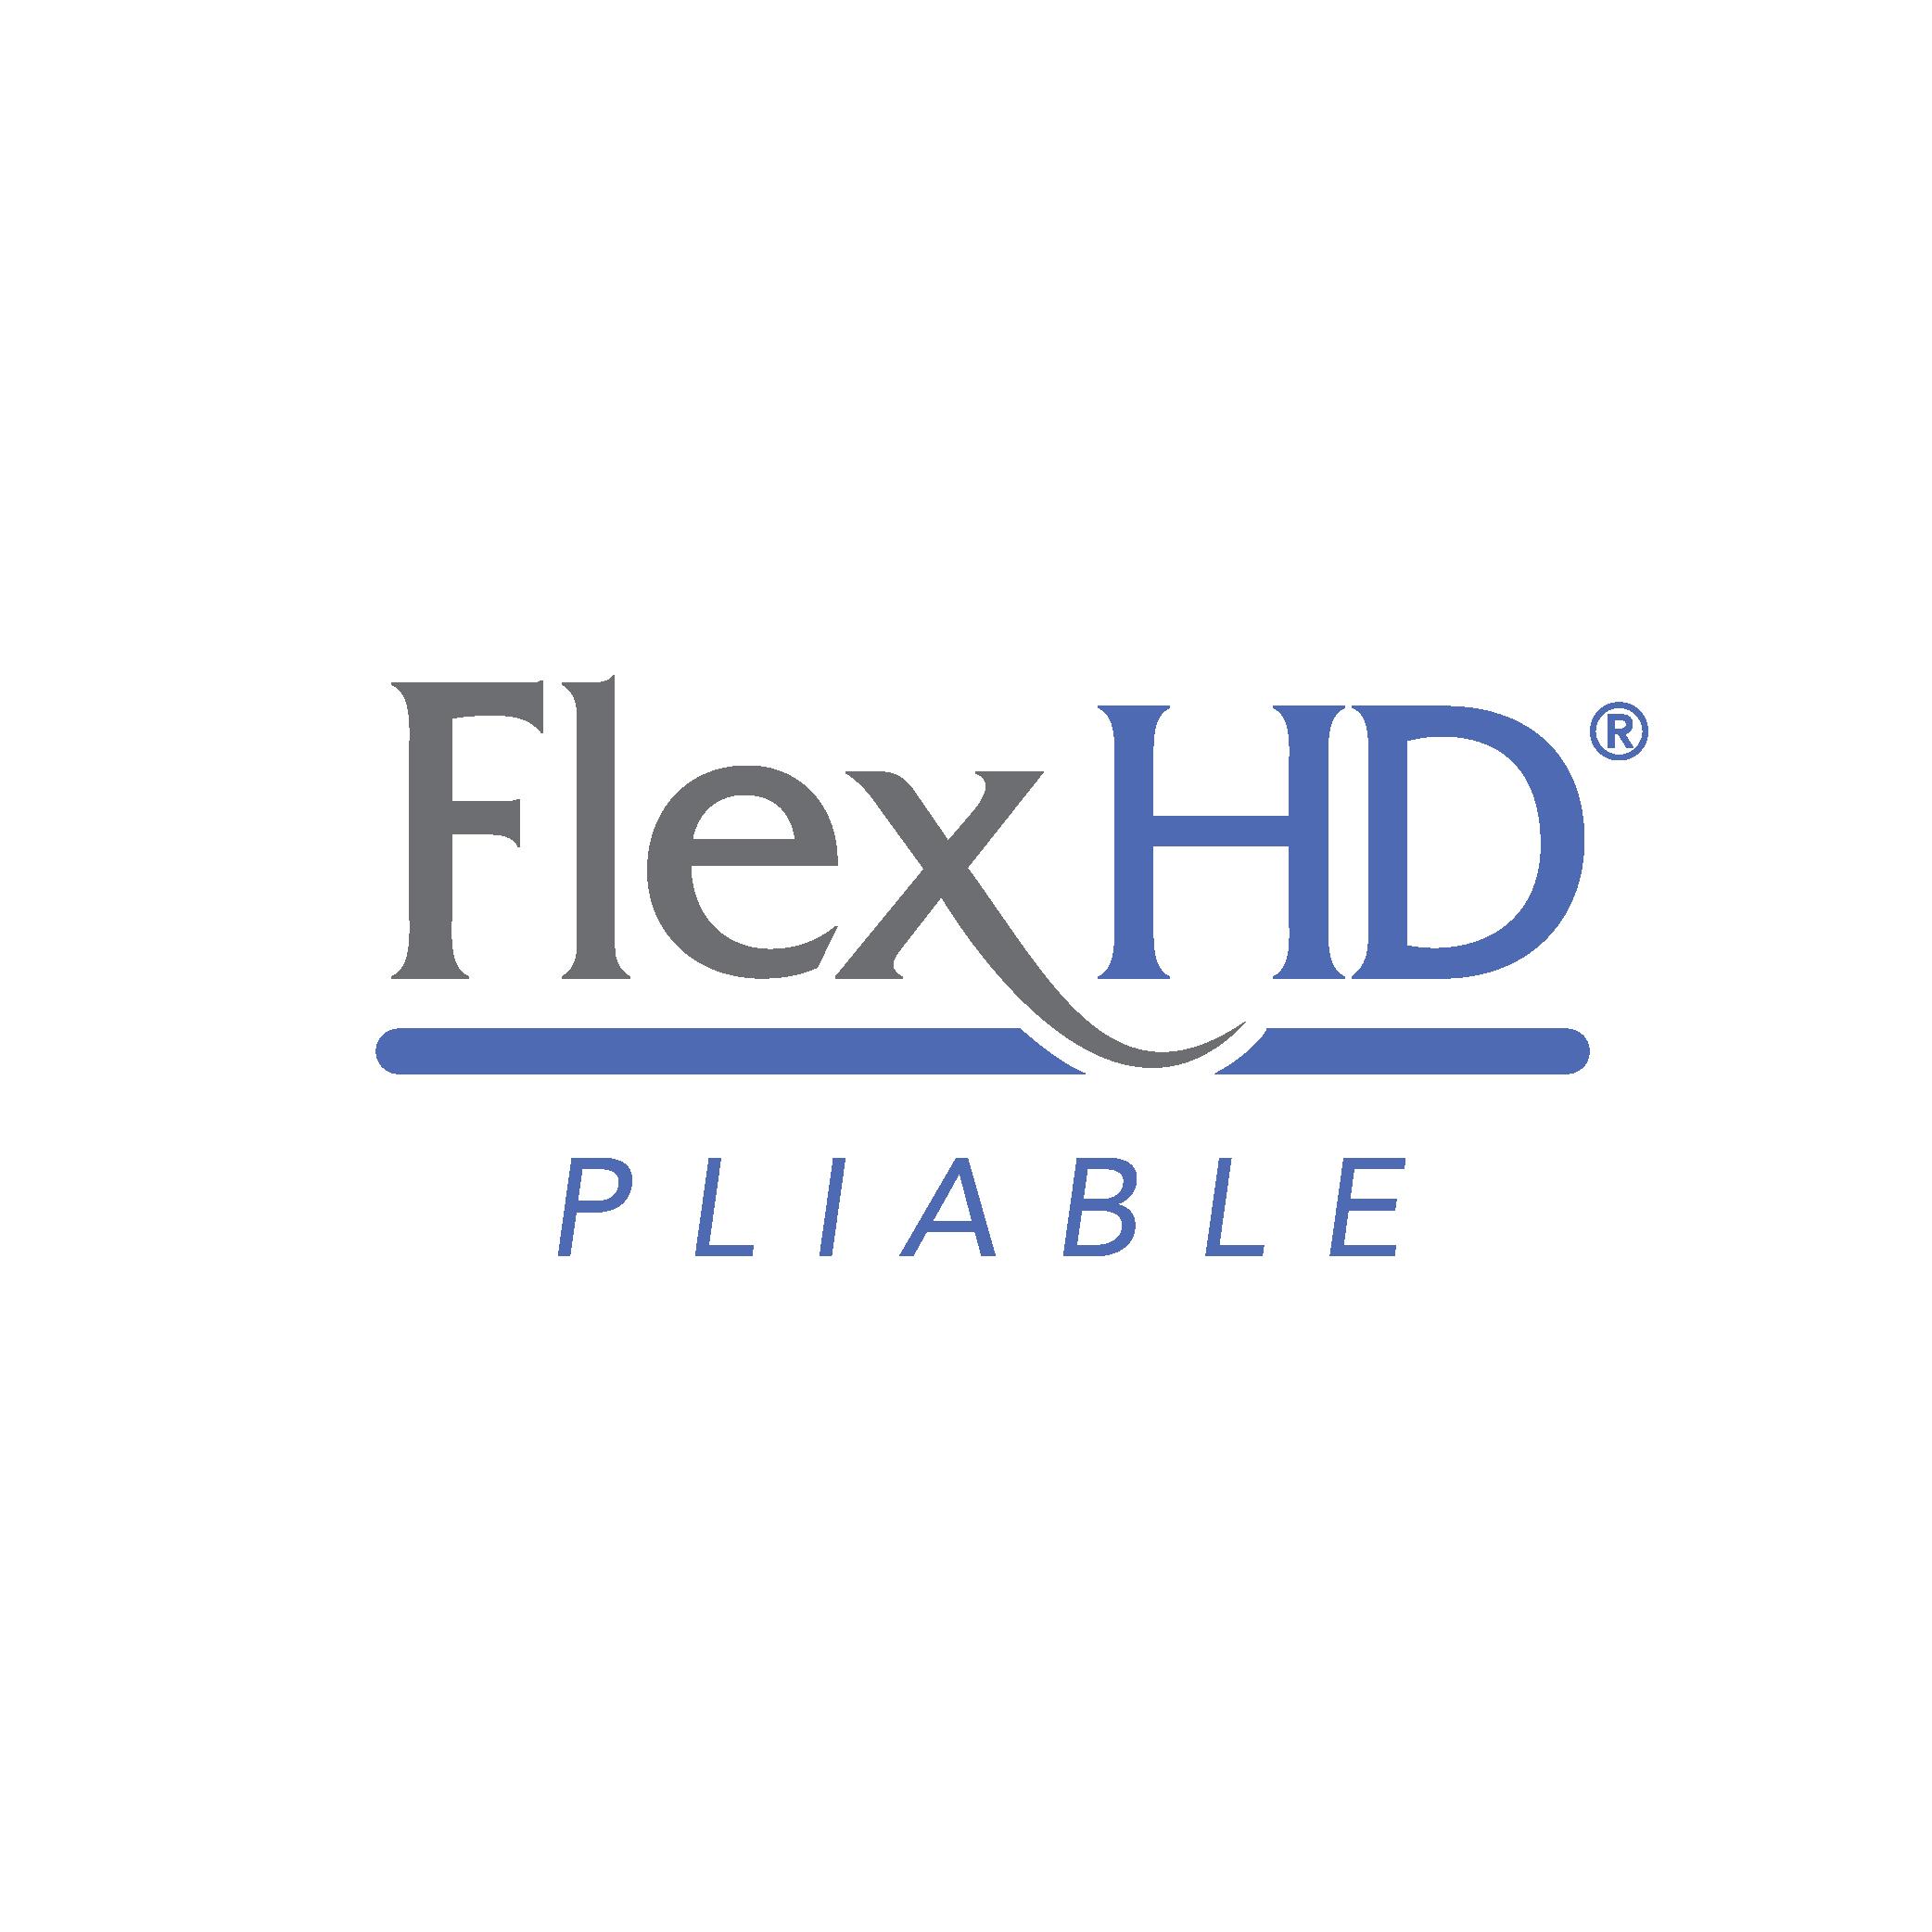 FlexHD® PLIABLE, Acellular Hydrated Dermis